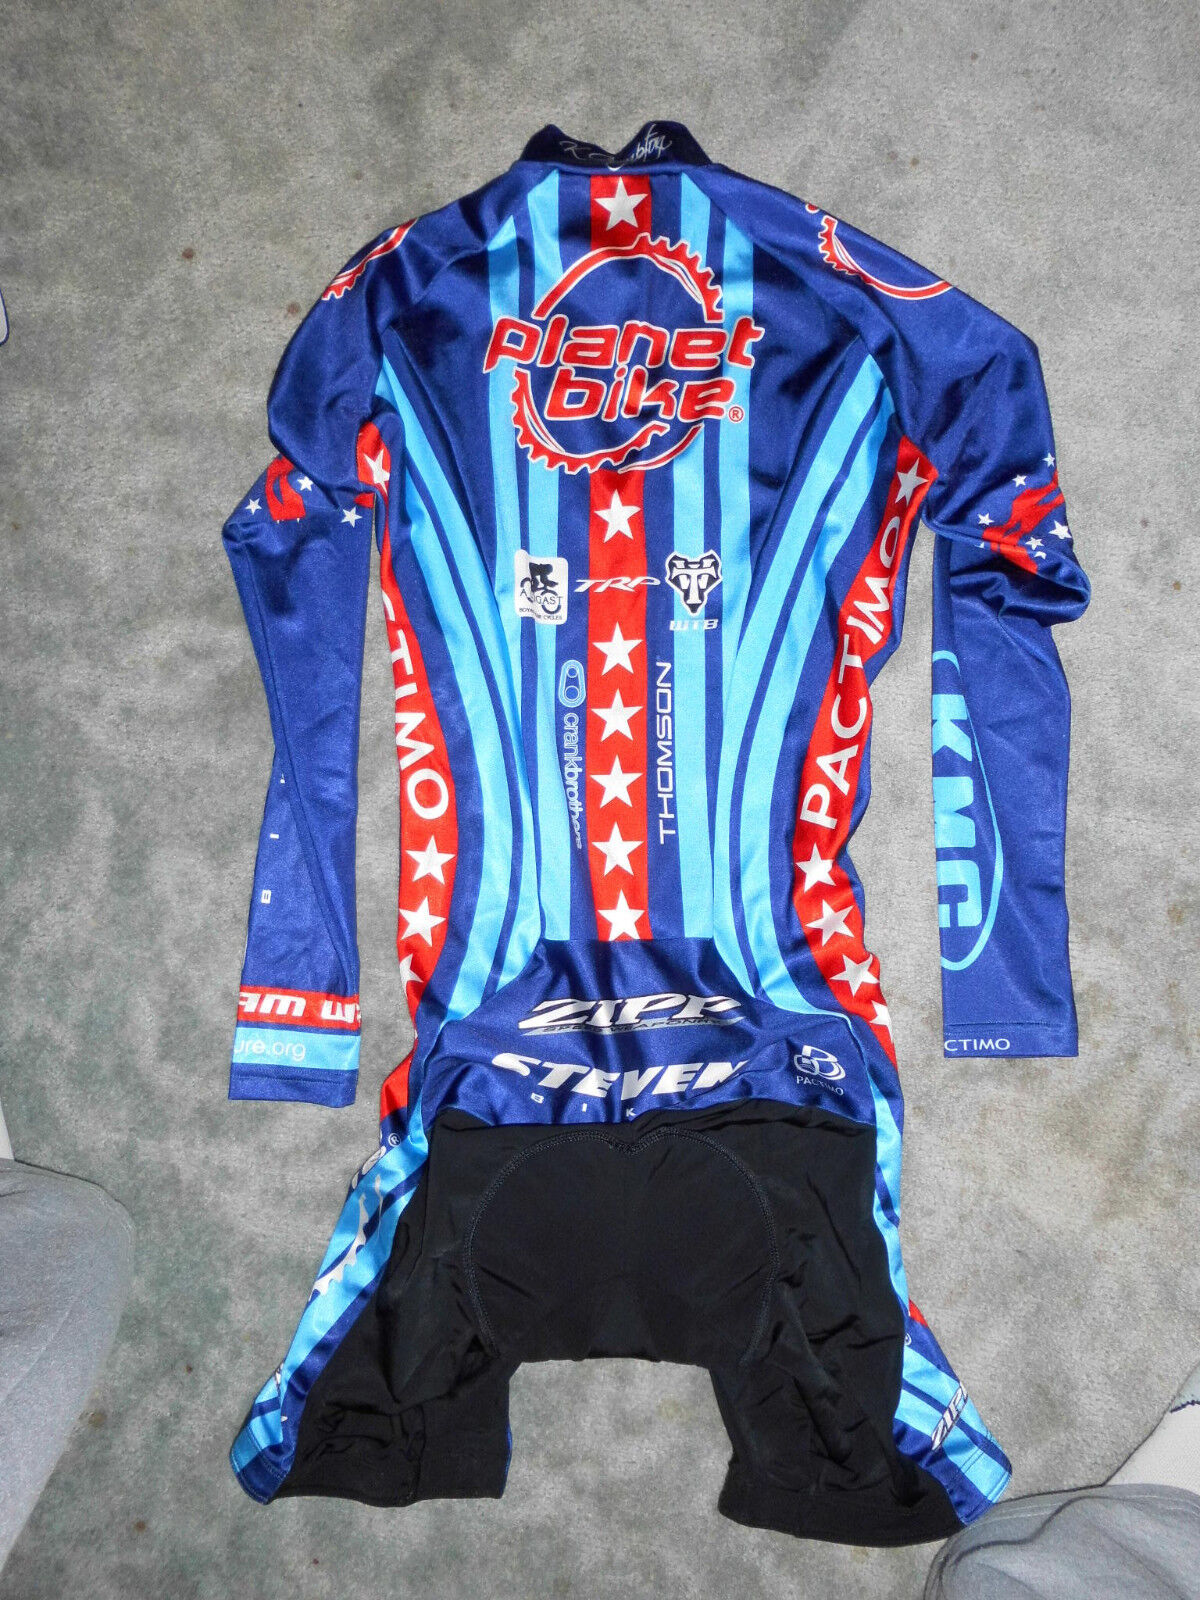 Pactimo USA Champion Meister / Team Stevens Cross Einteiler / Meister Skinsuit 75d5a6